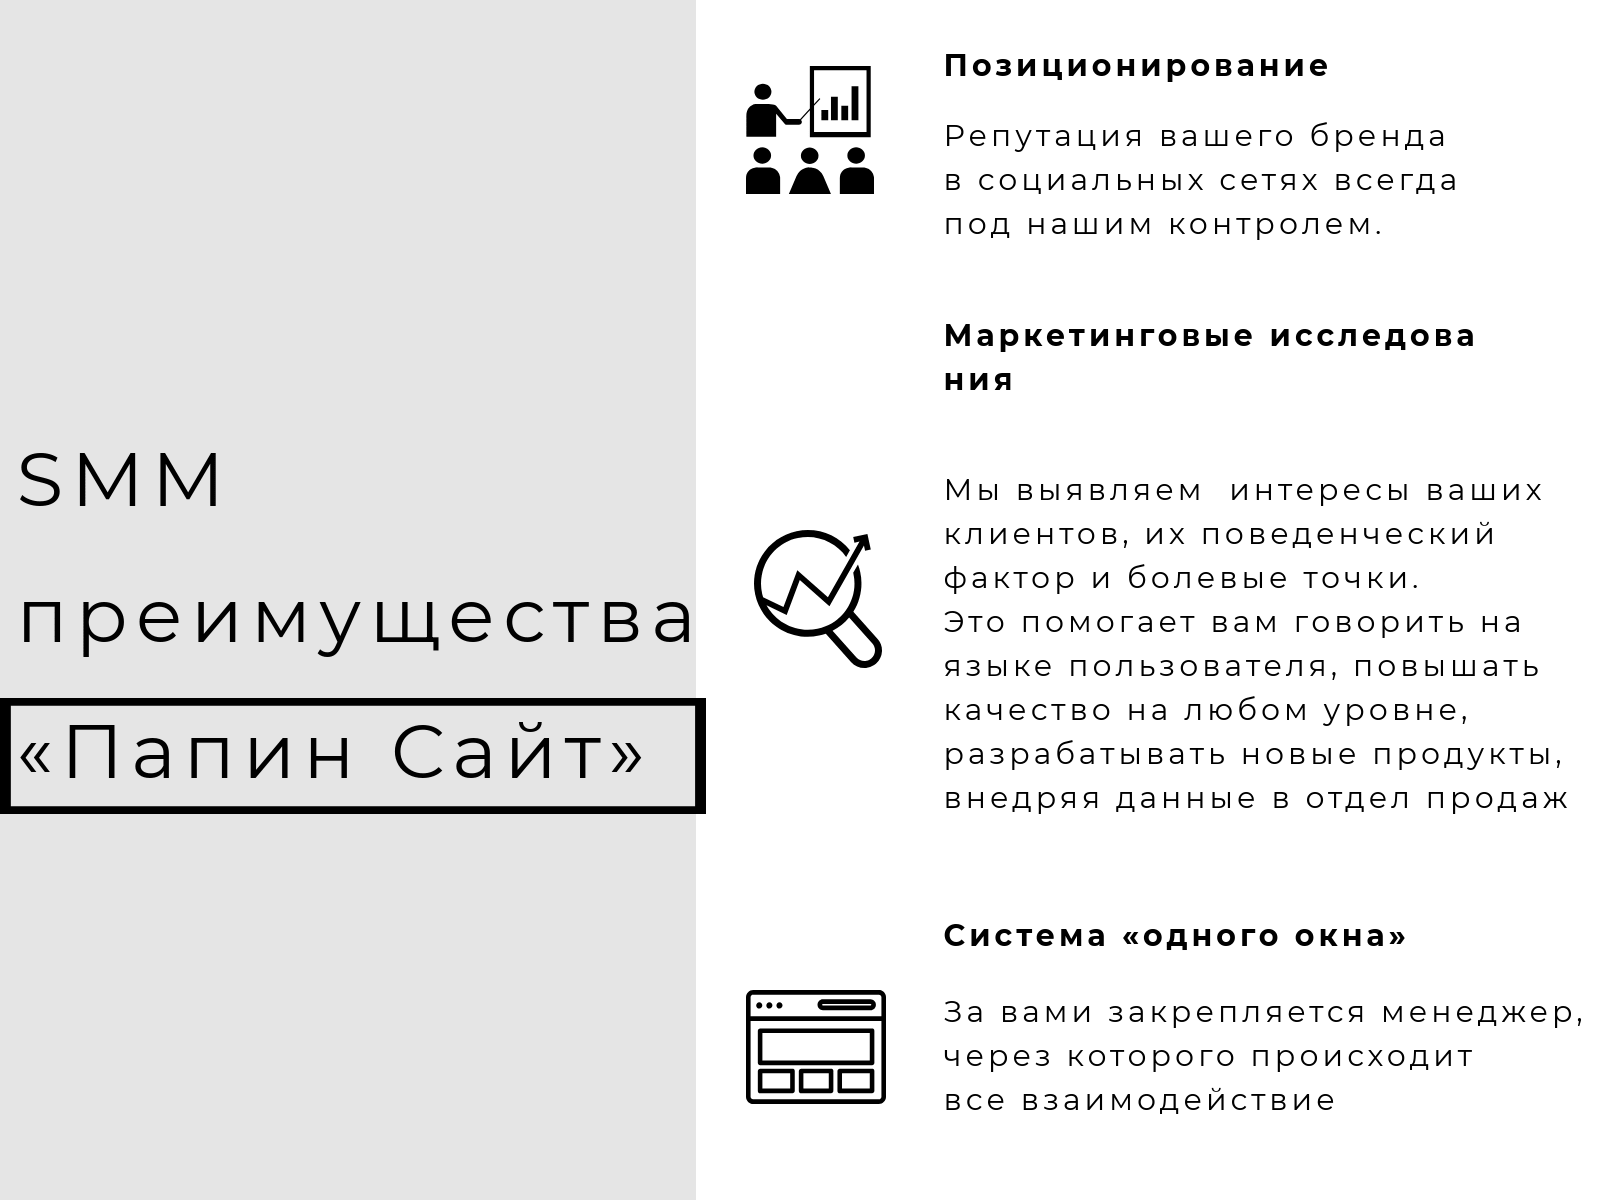 Smm продвижение вконтакте